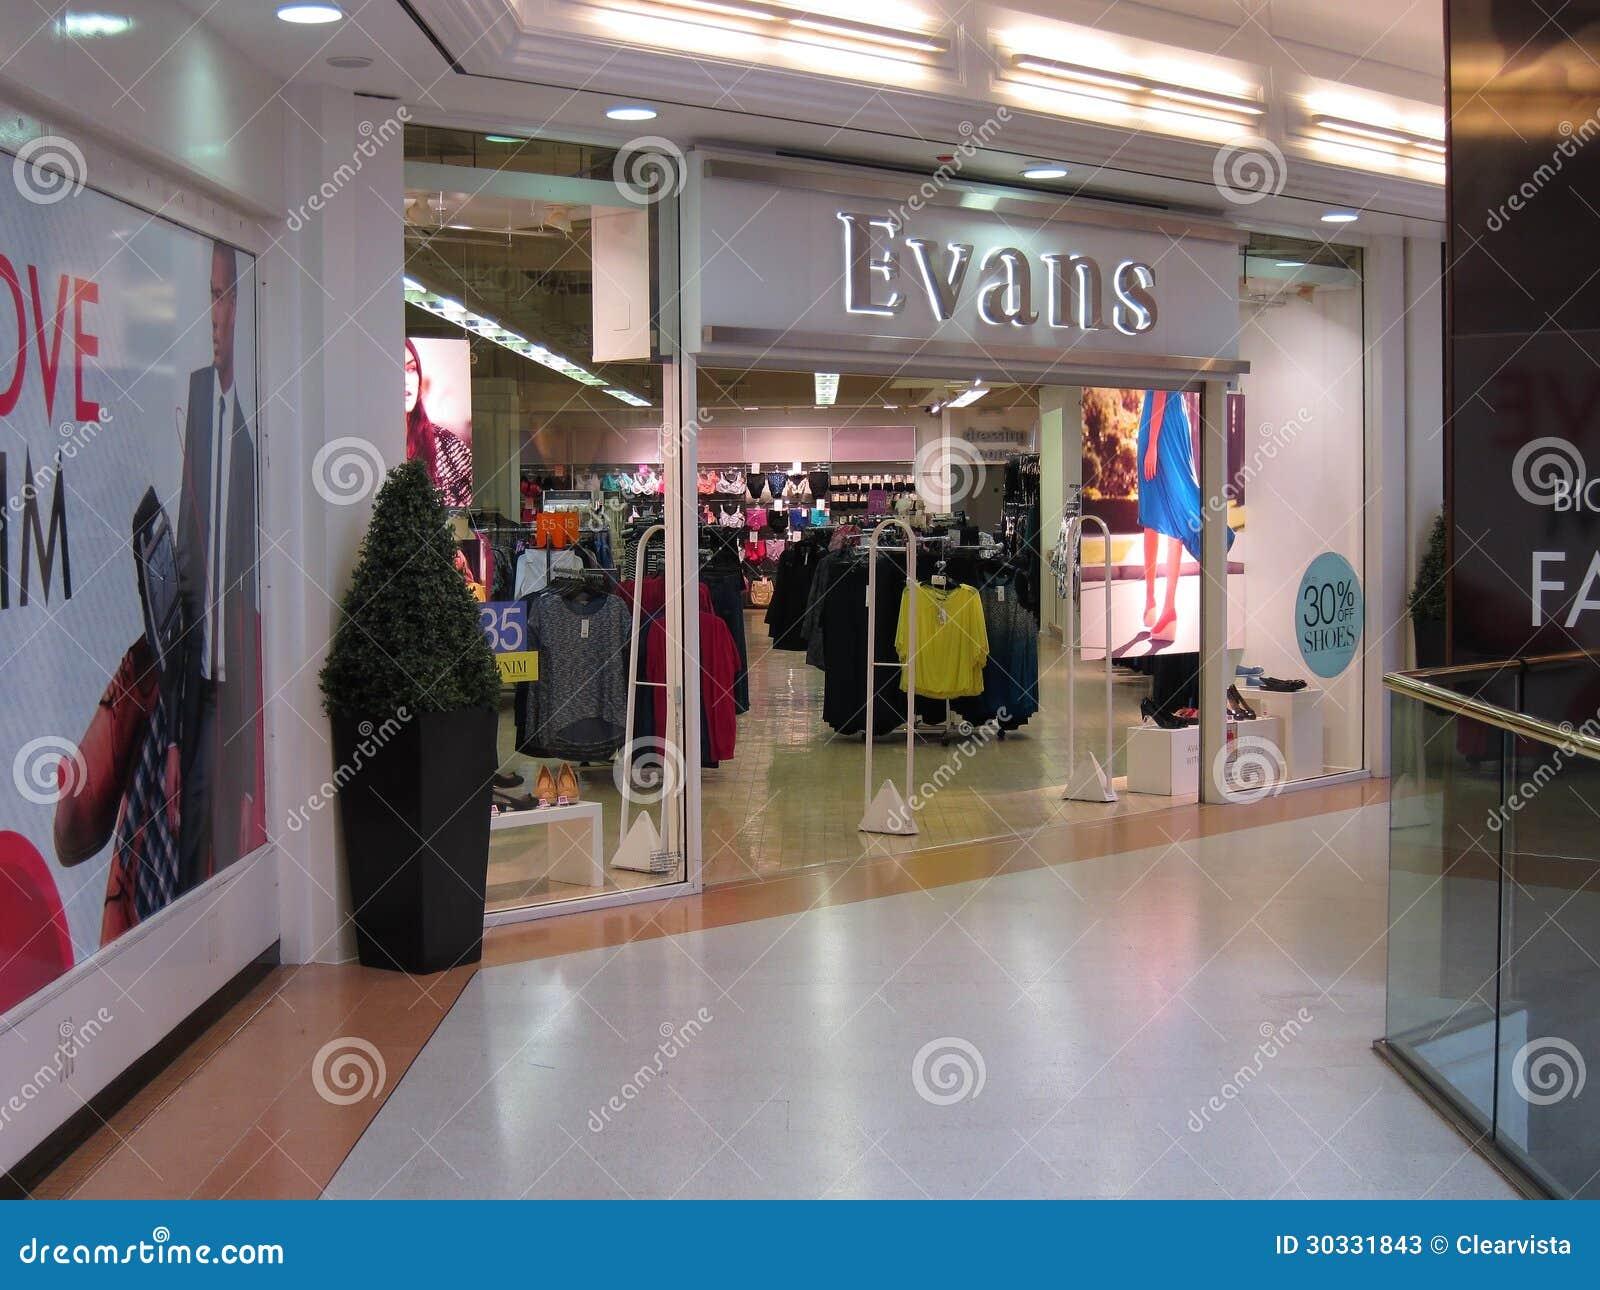 伊万斯服装店。